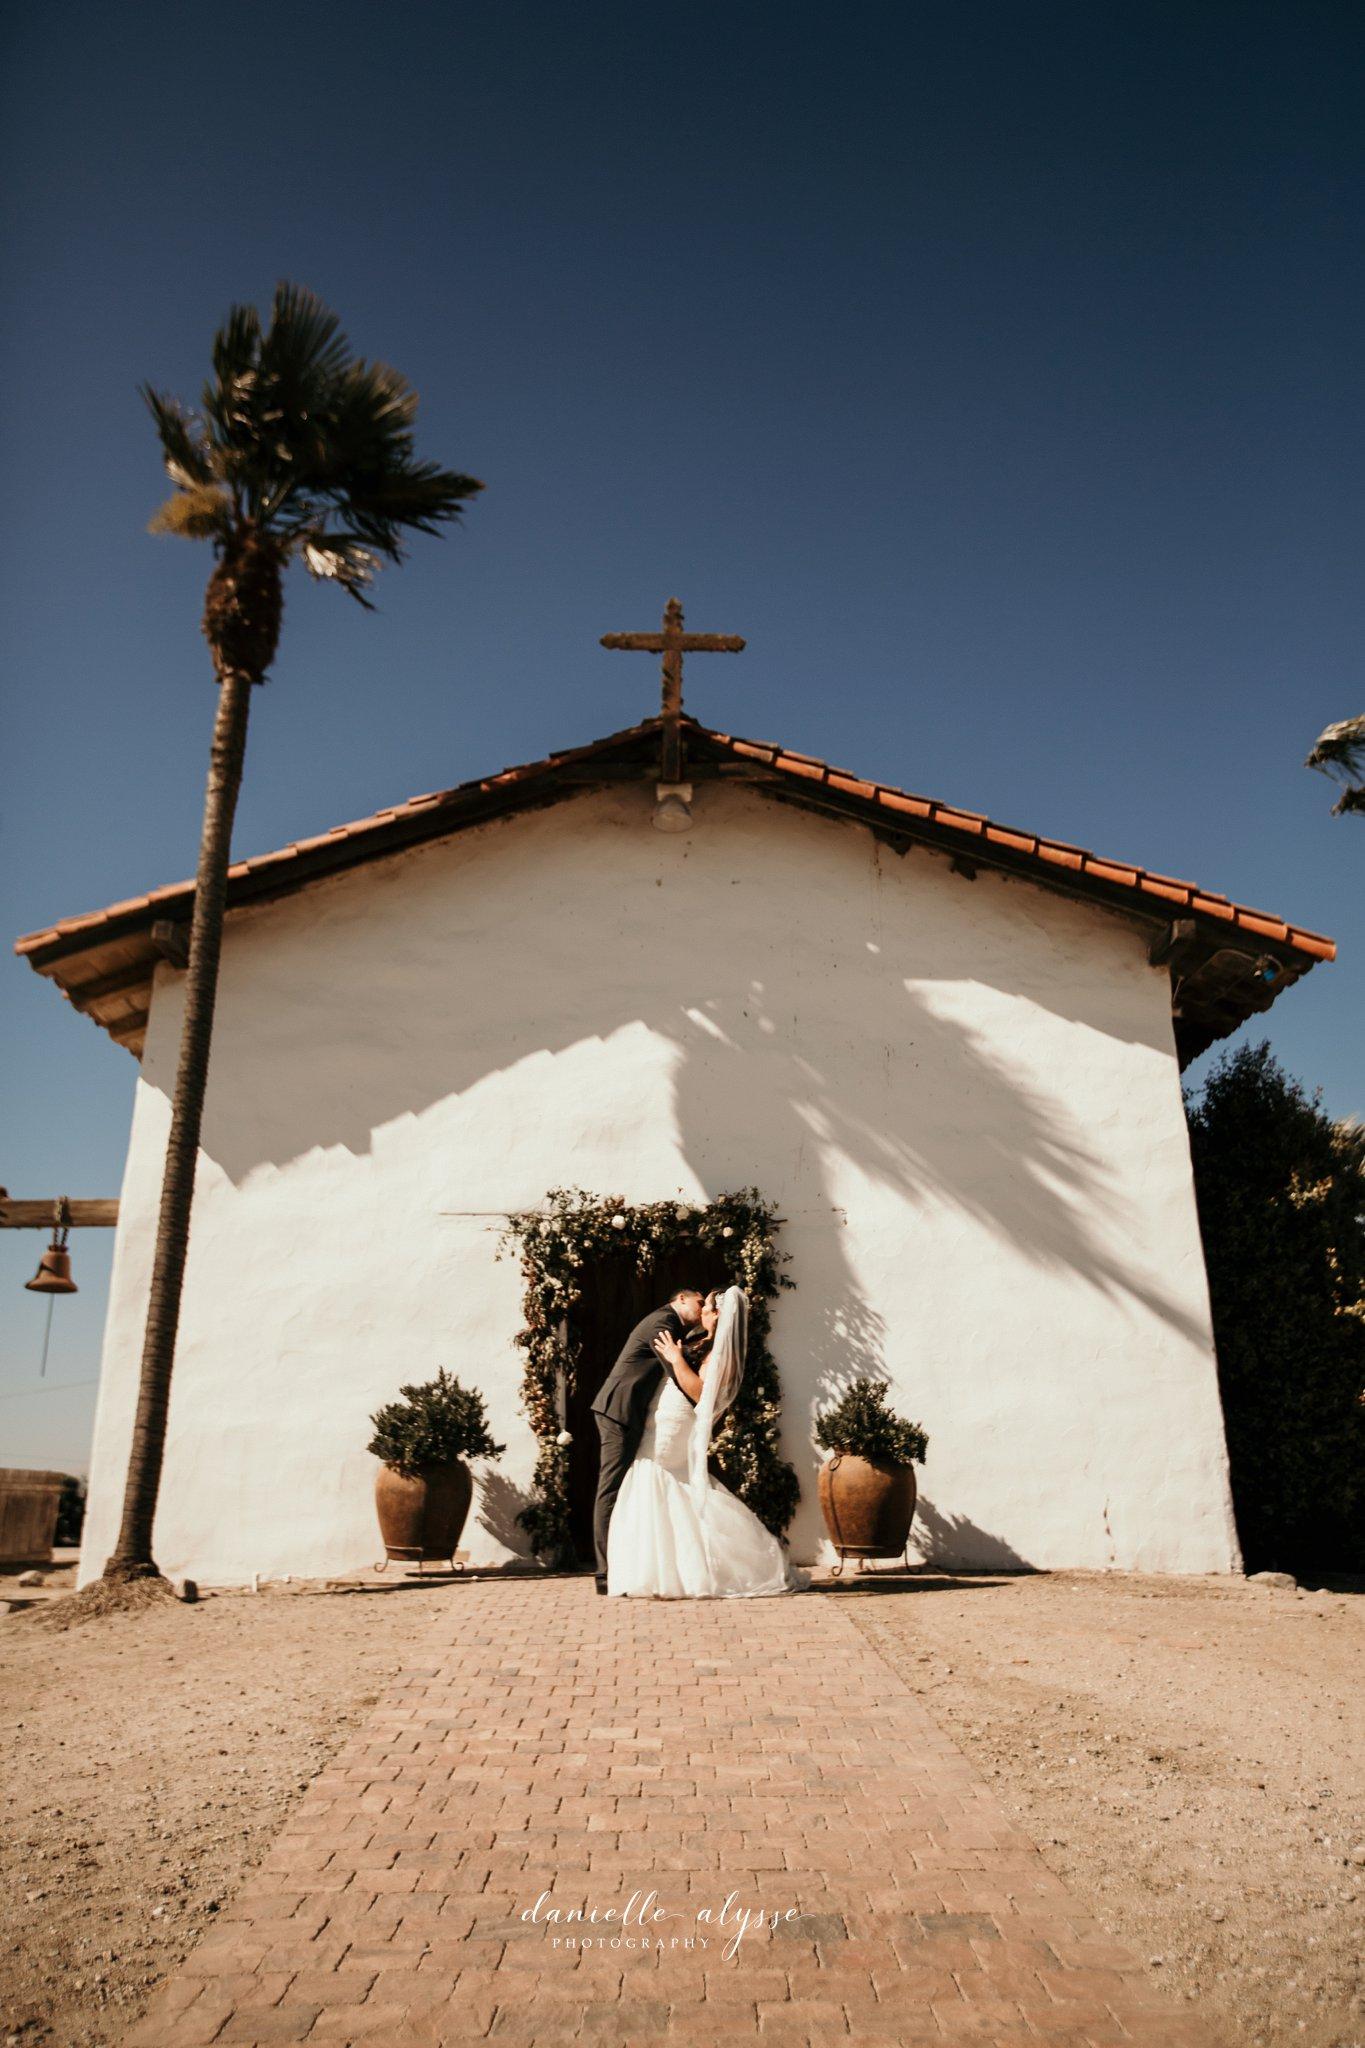 180630_wedding_lily_ryan_mission_soledad_california_danielle_alysse_photography_blog_705_WEB.jpg